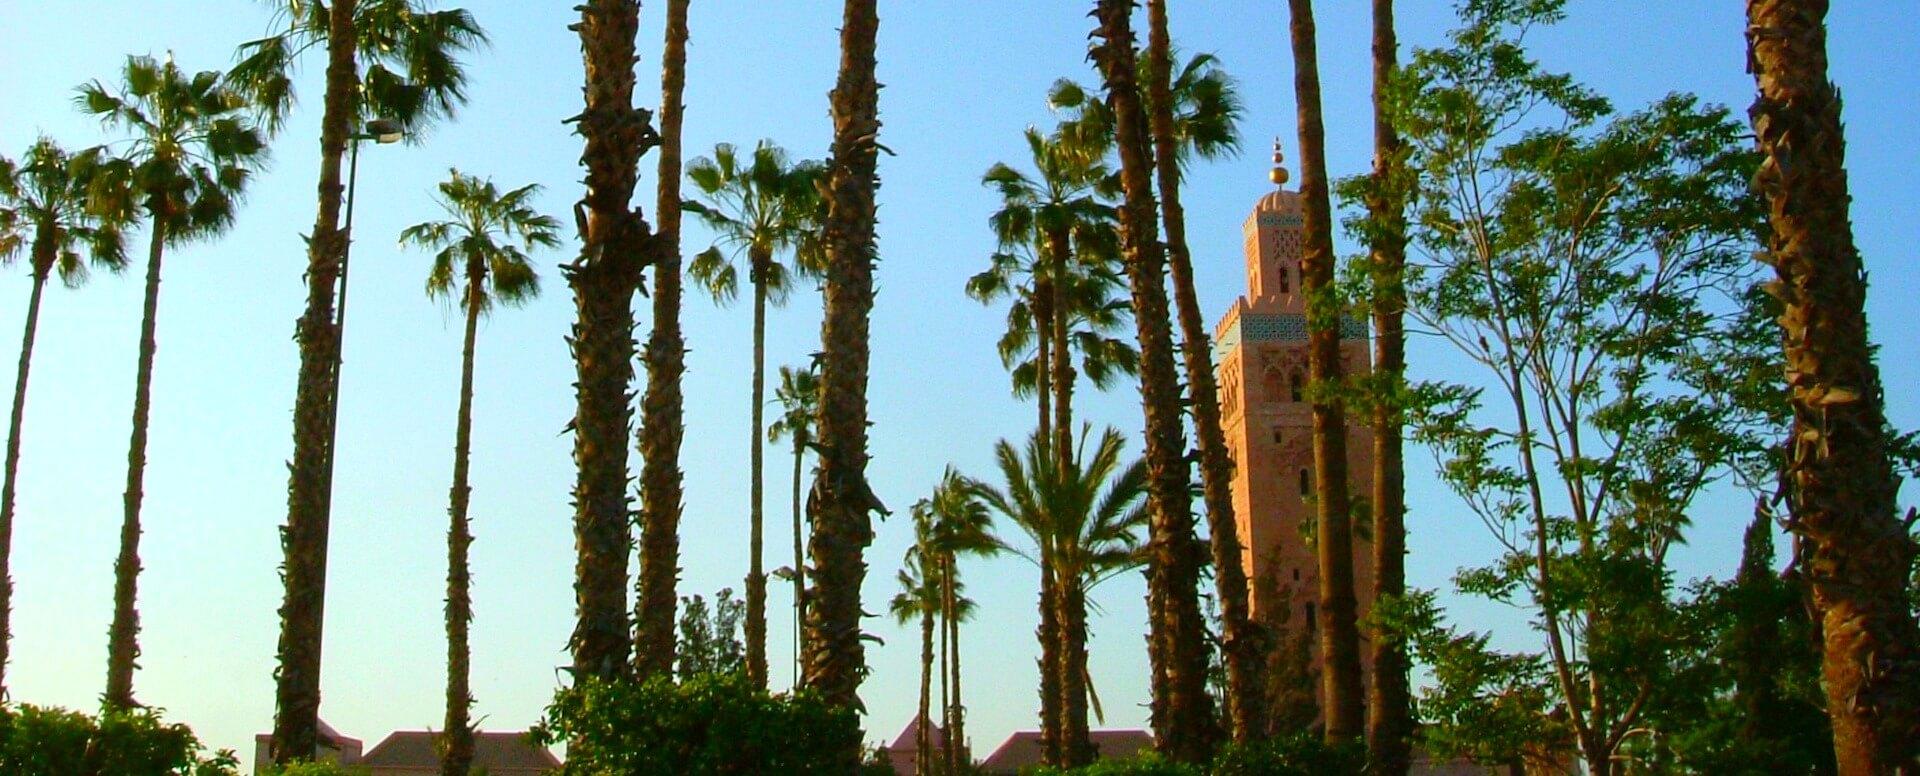 Temps et climat à Marrakech - Marrakech